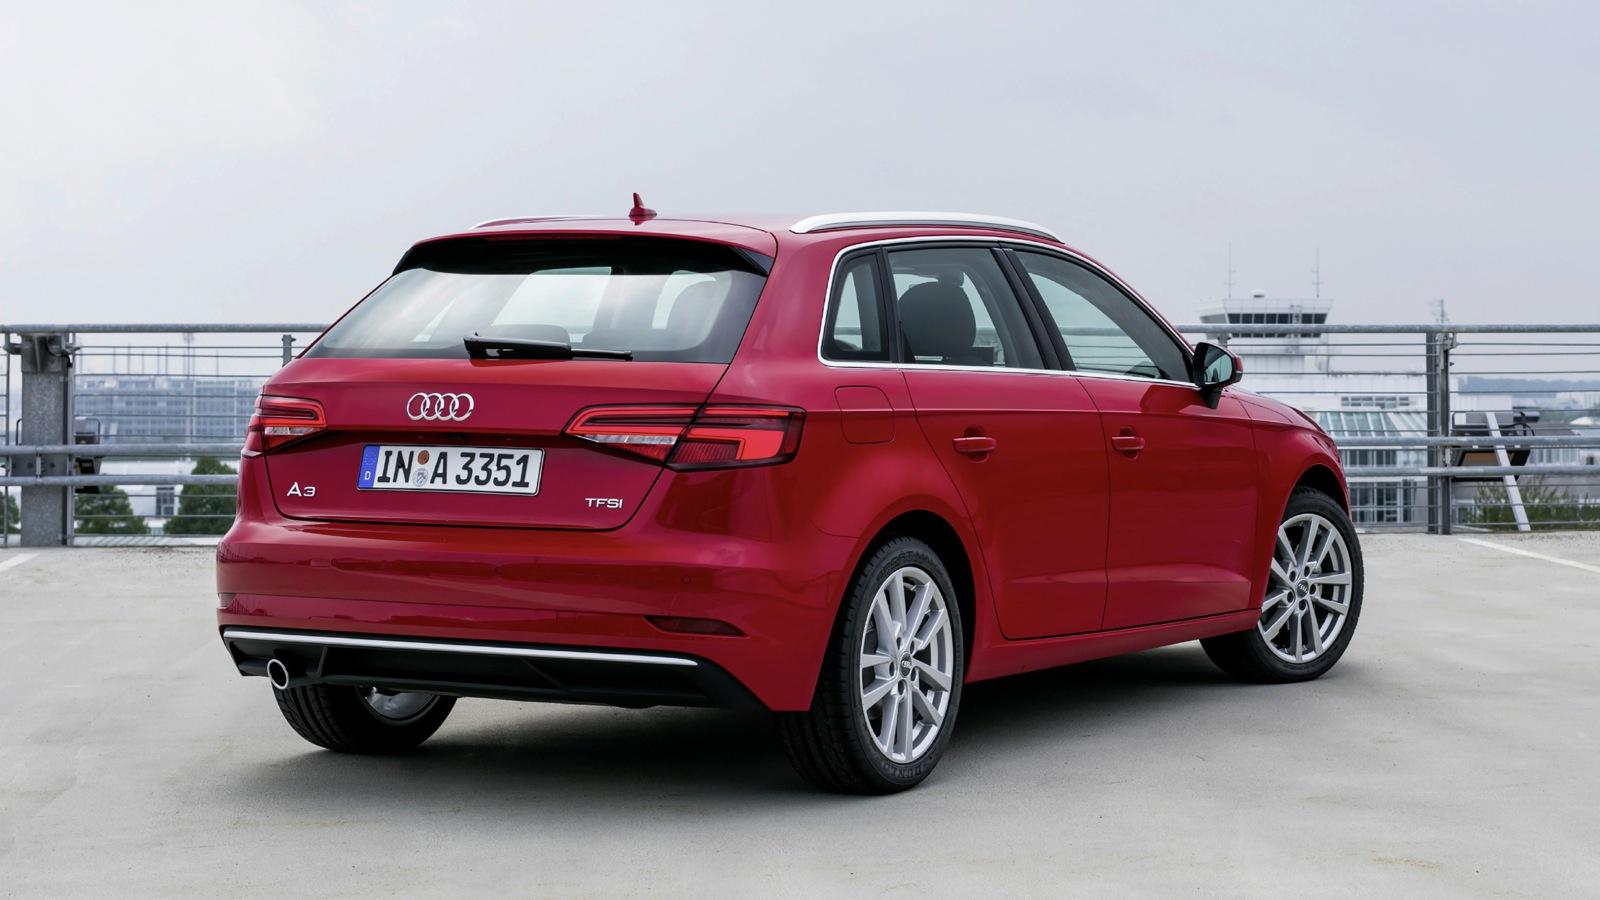 2016 Audi Q5 | Alfa Romeo Car Release Date